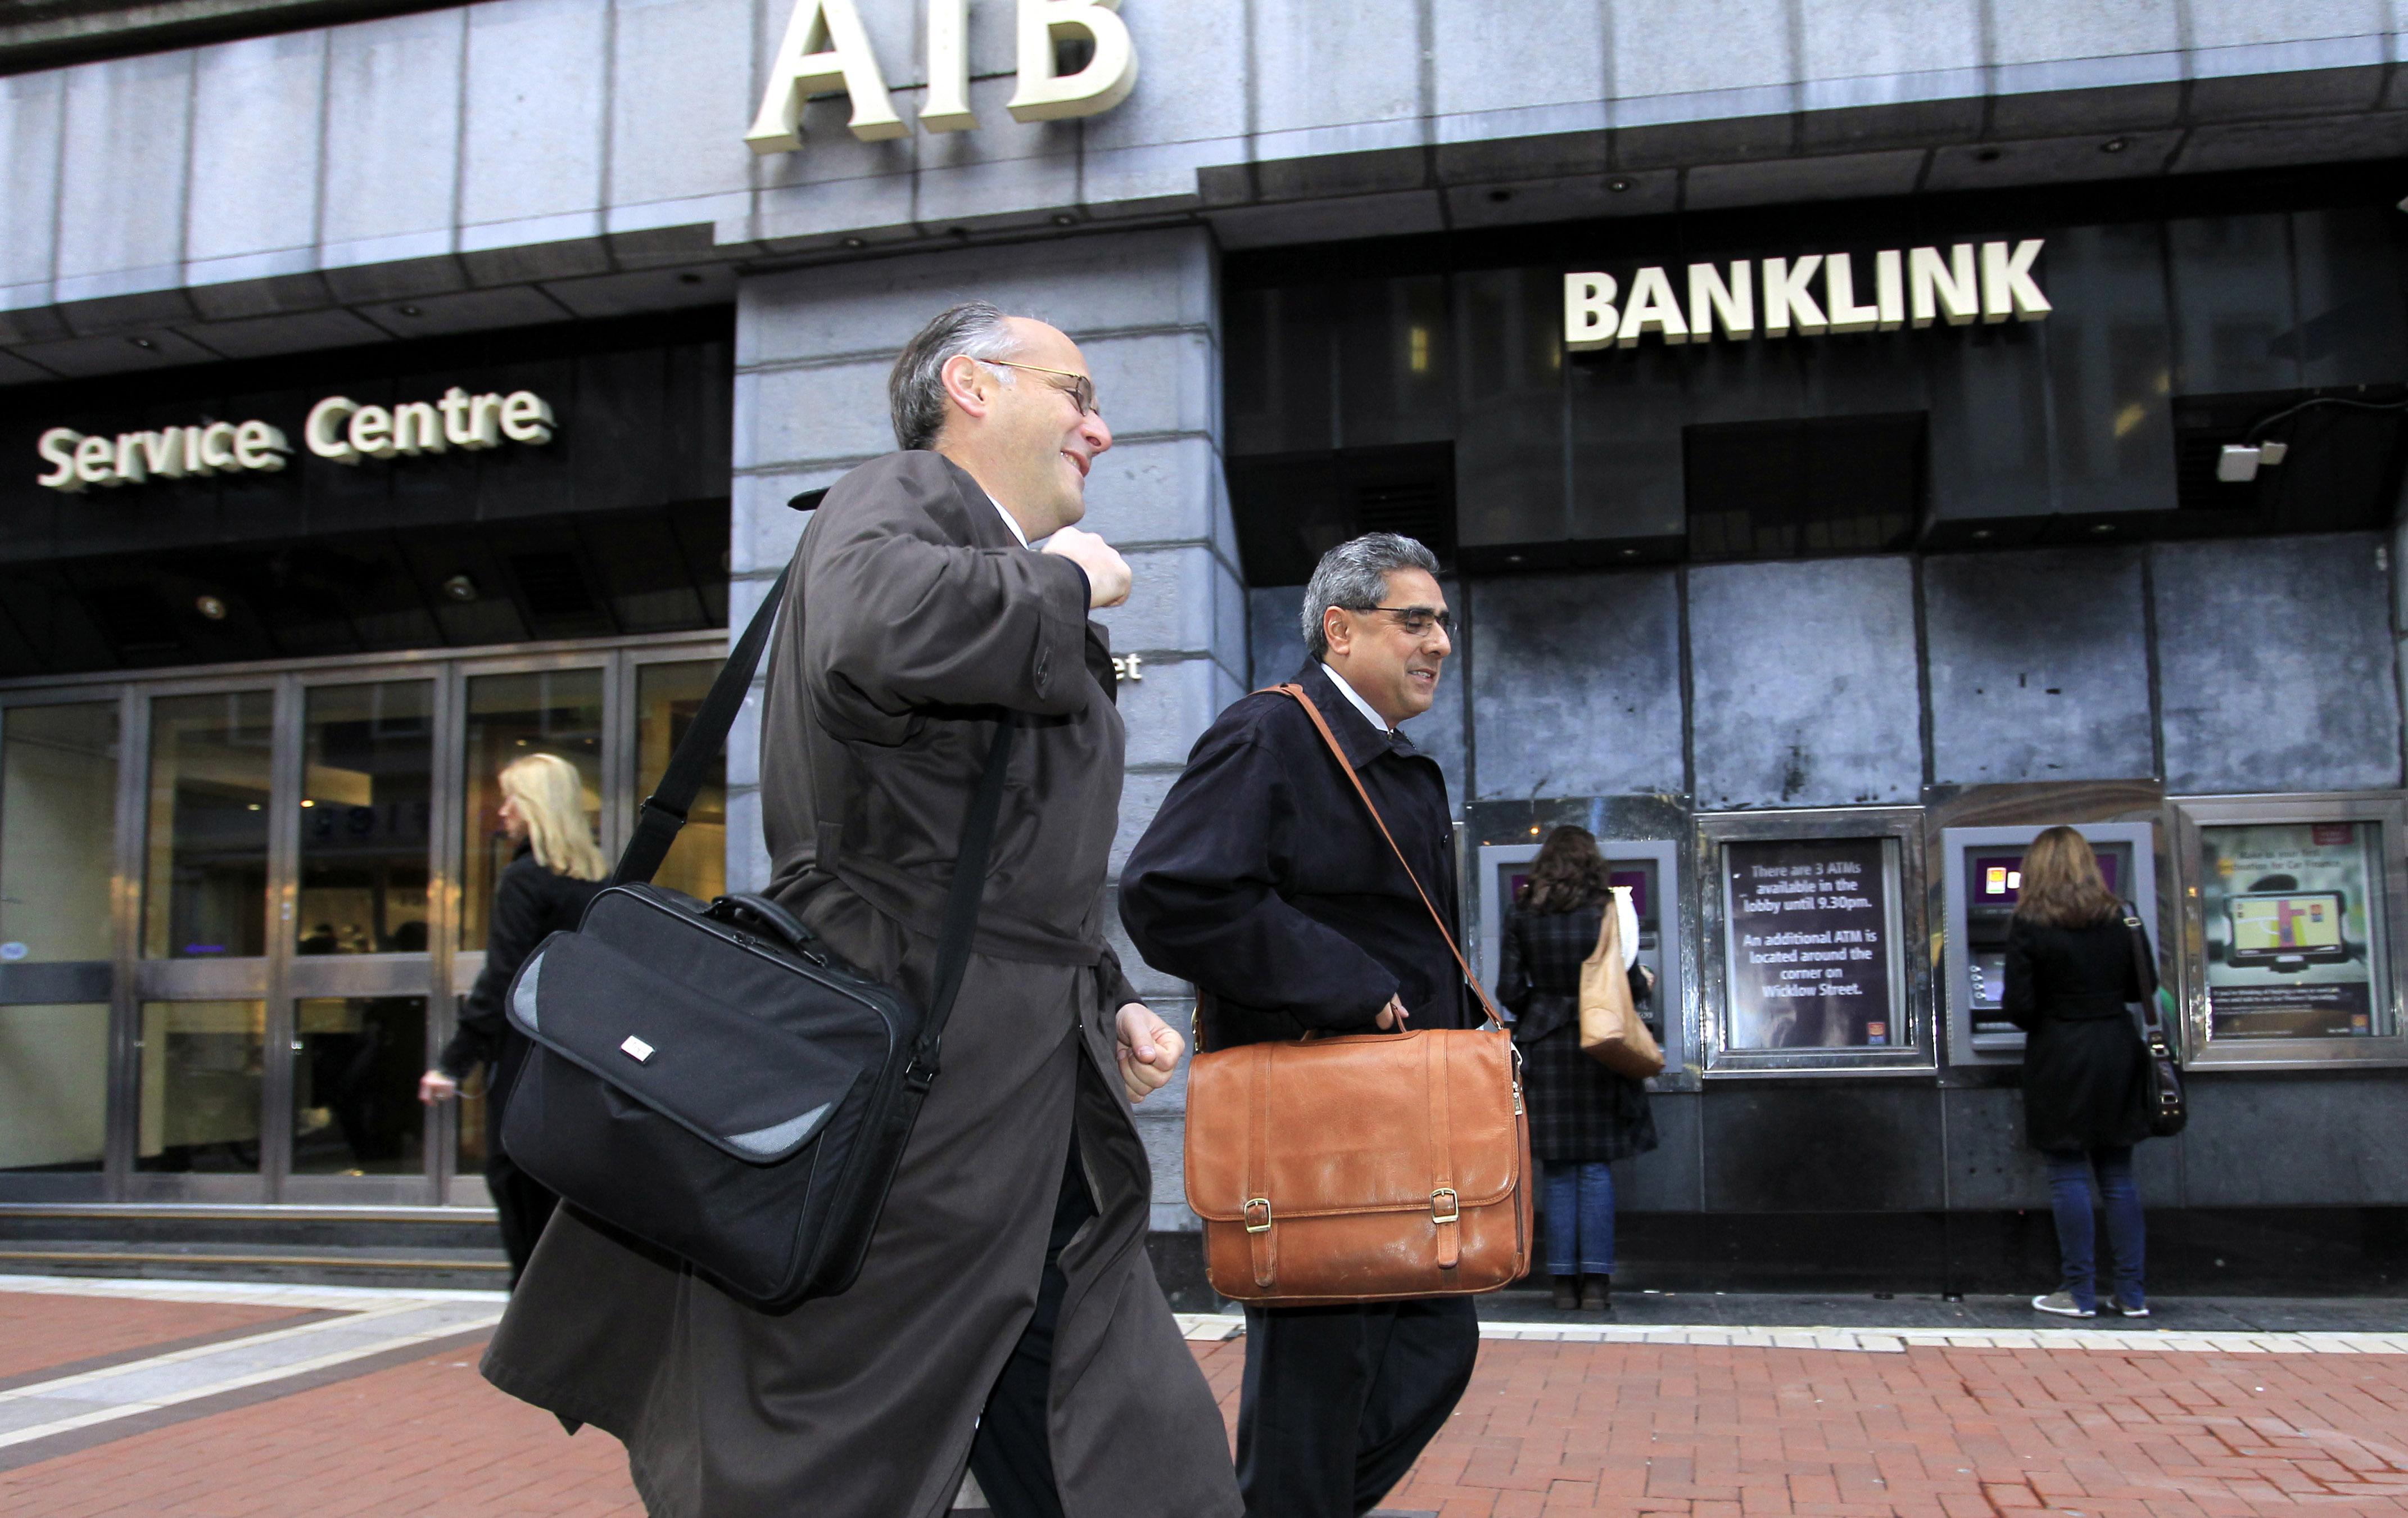 edificio del banco irlandés allied irish banks